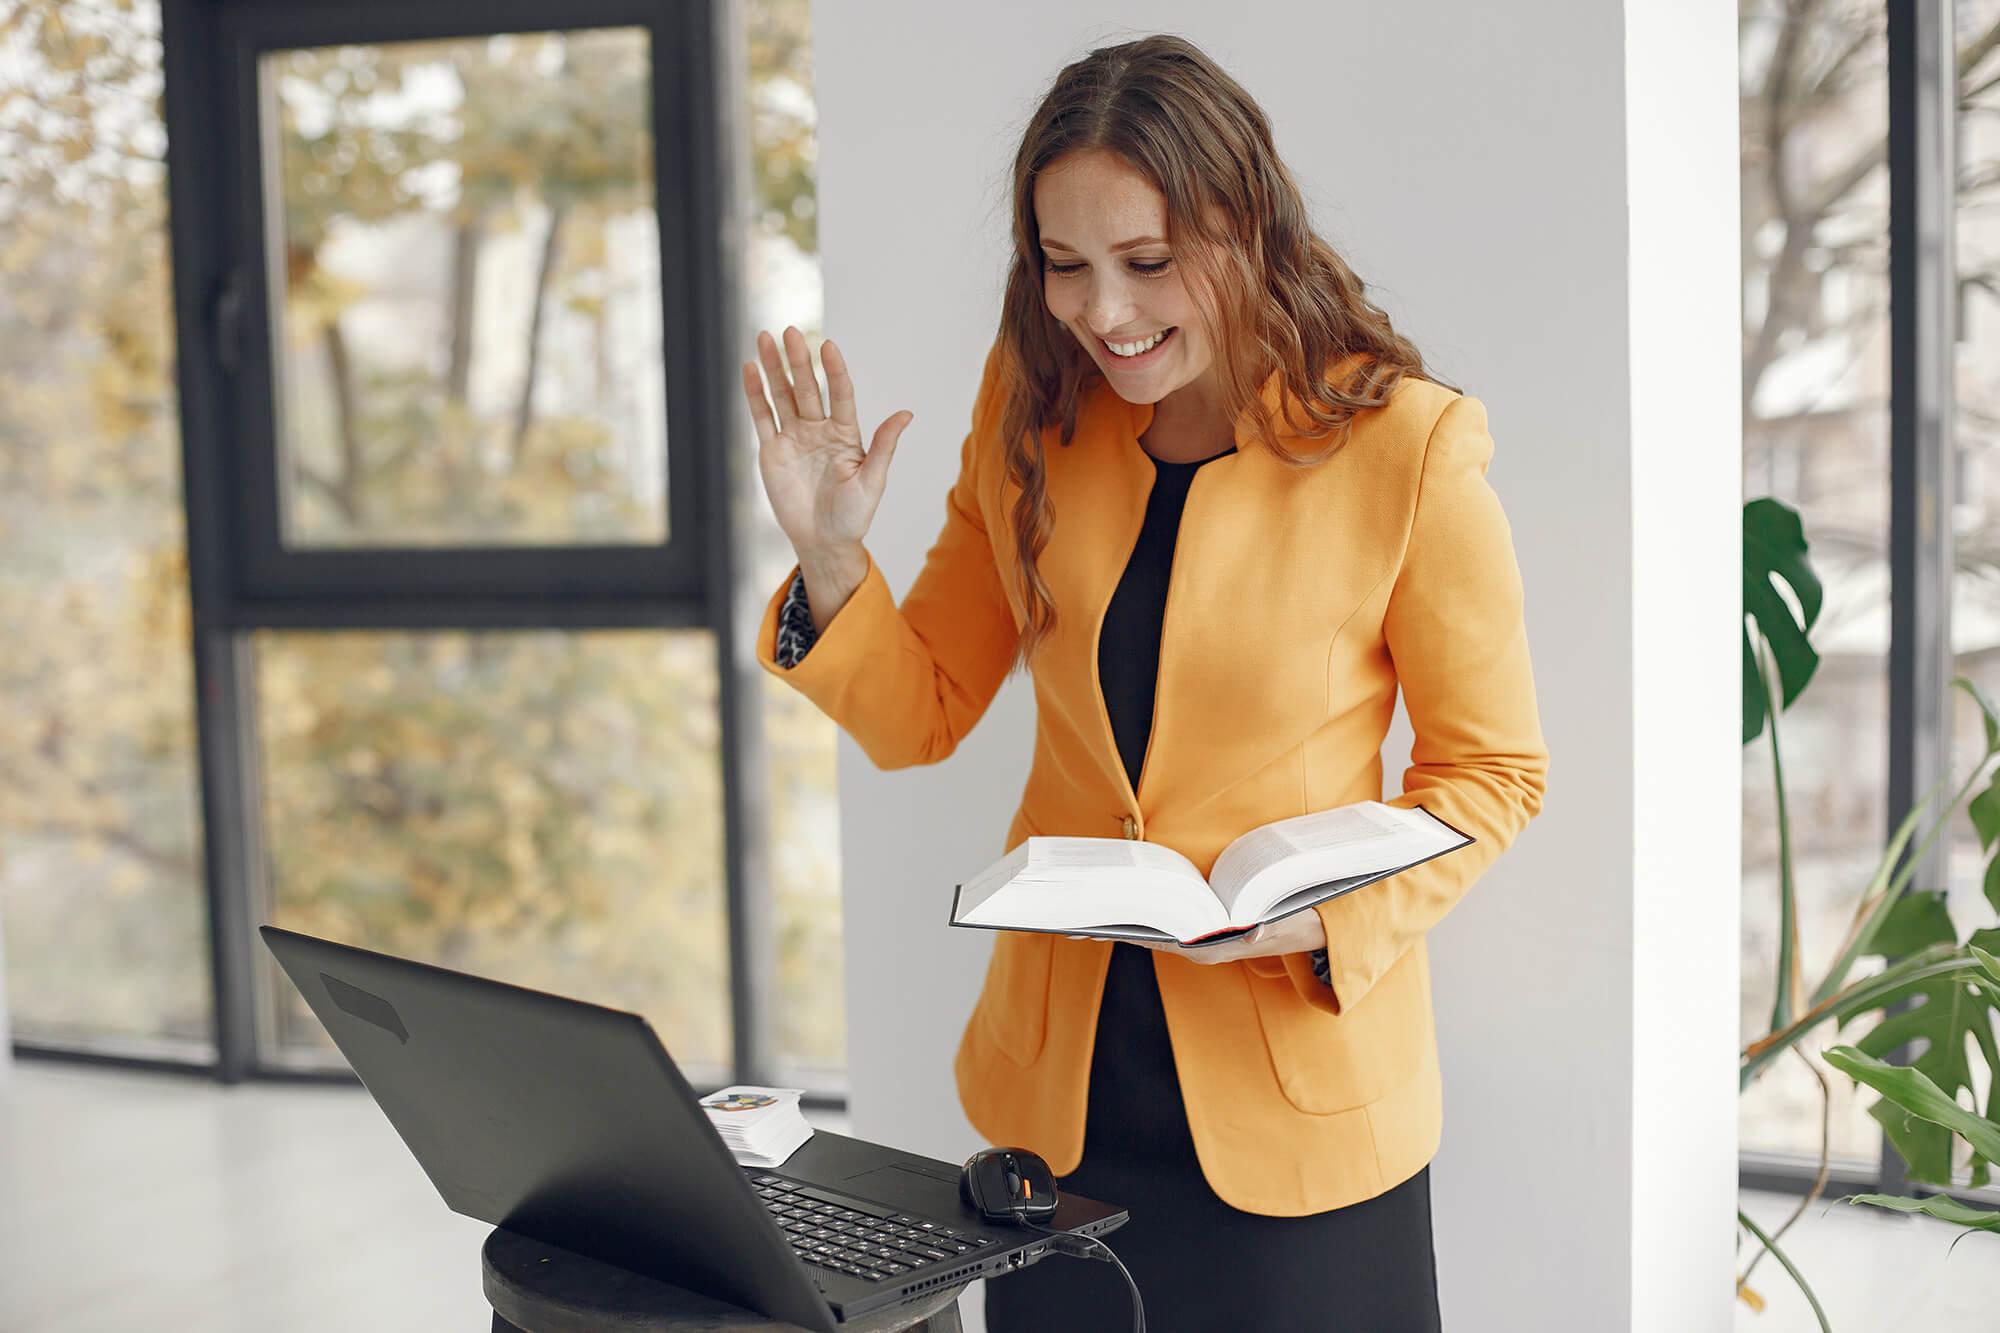 http://server.digimetriq.com/wp-content/uploads/2021/01/6-Best-Laptops-for-Teachers-in-2021-For-In-Class.jpg